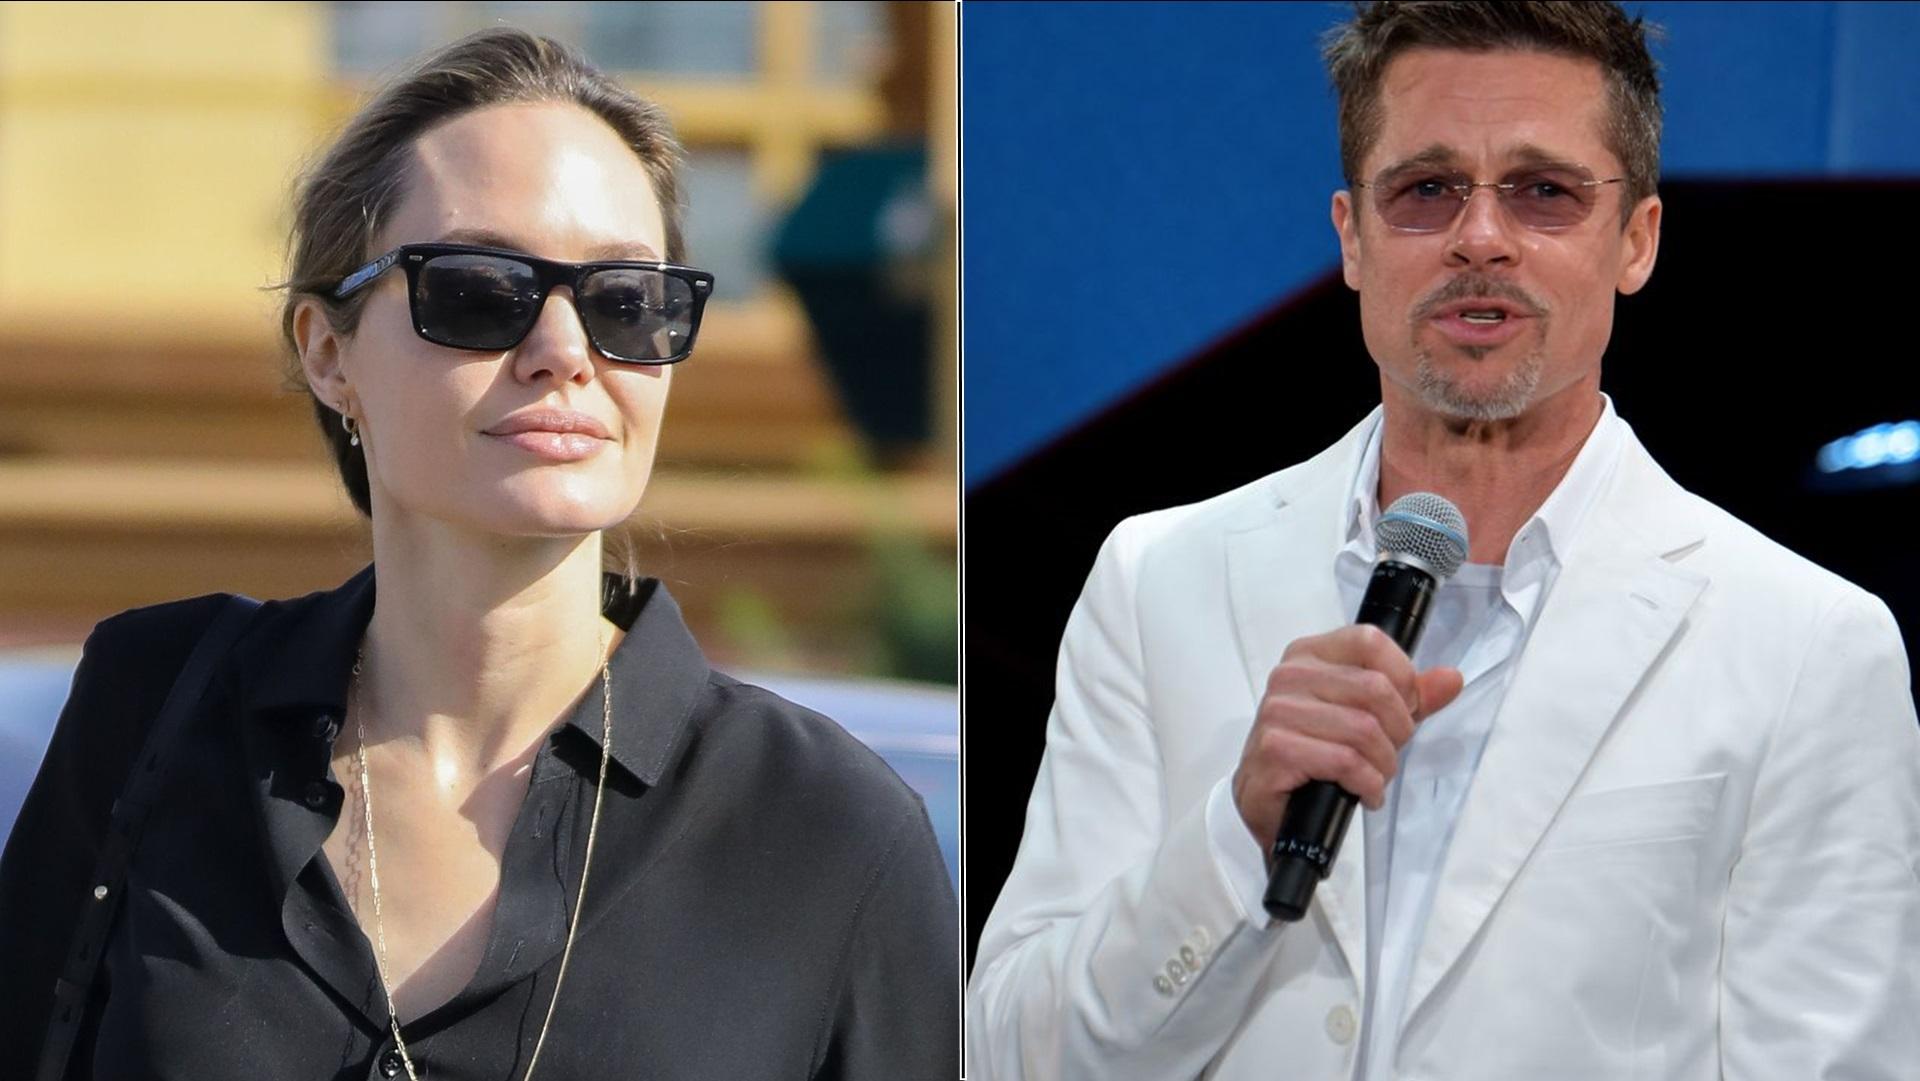 Oficjalnie koniec małżeństwa Angeliny Jolie i Brada Pitta. Na jakich warunkach się rozwiedli?